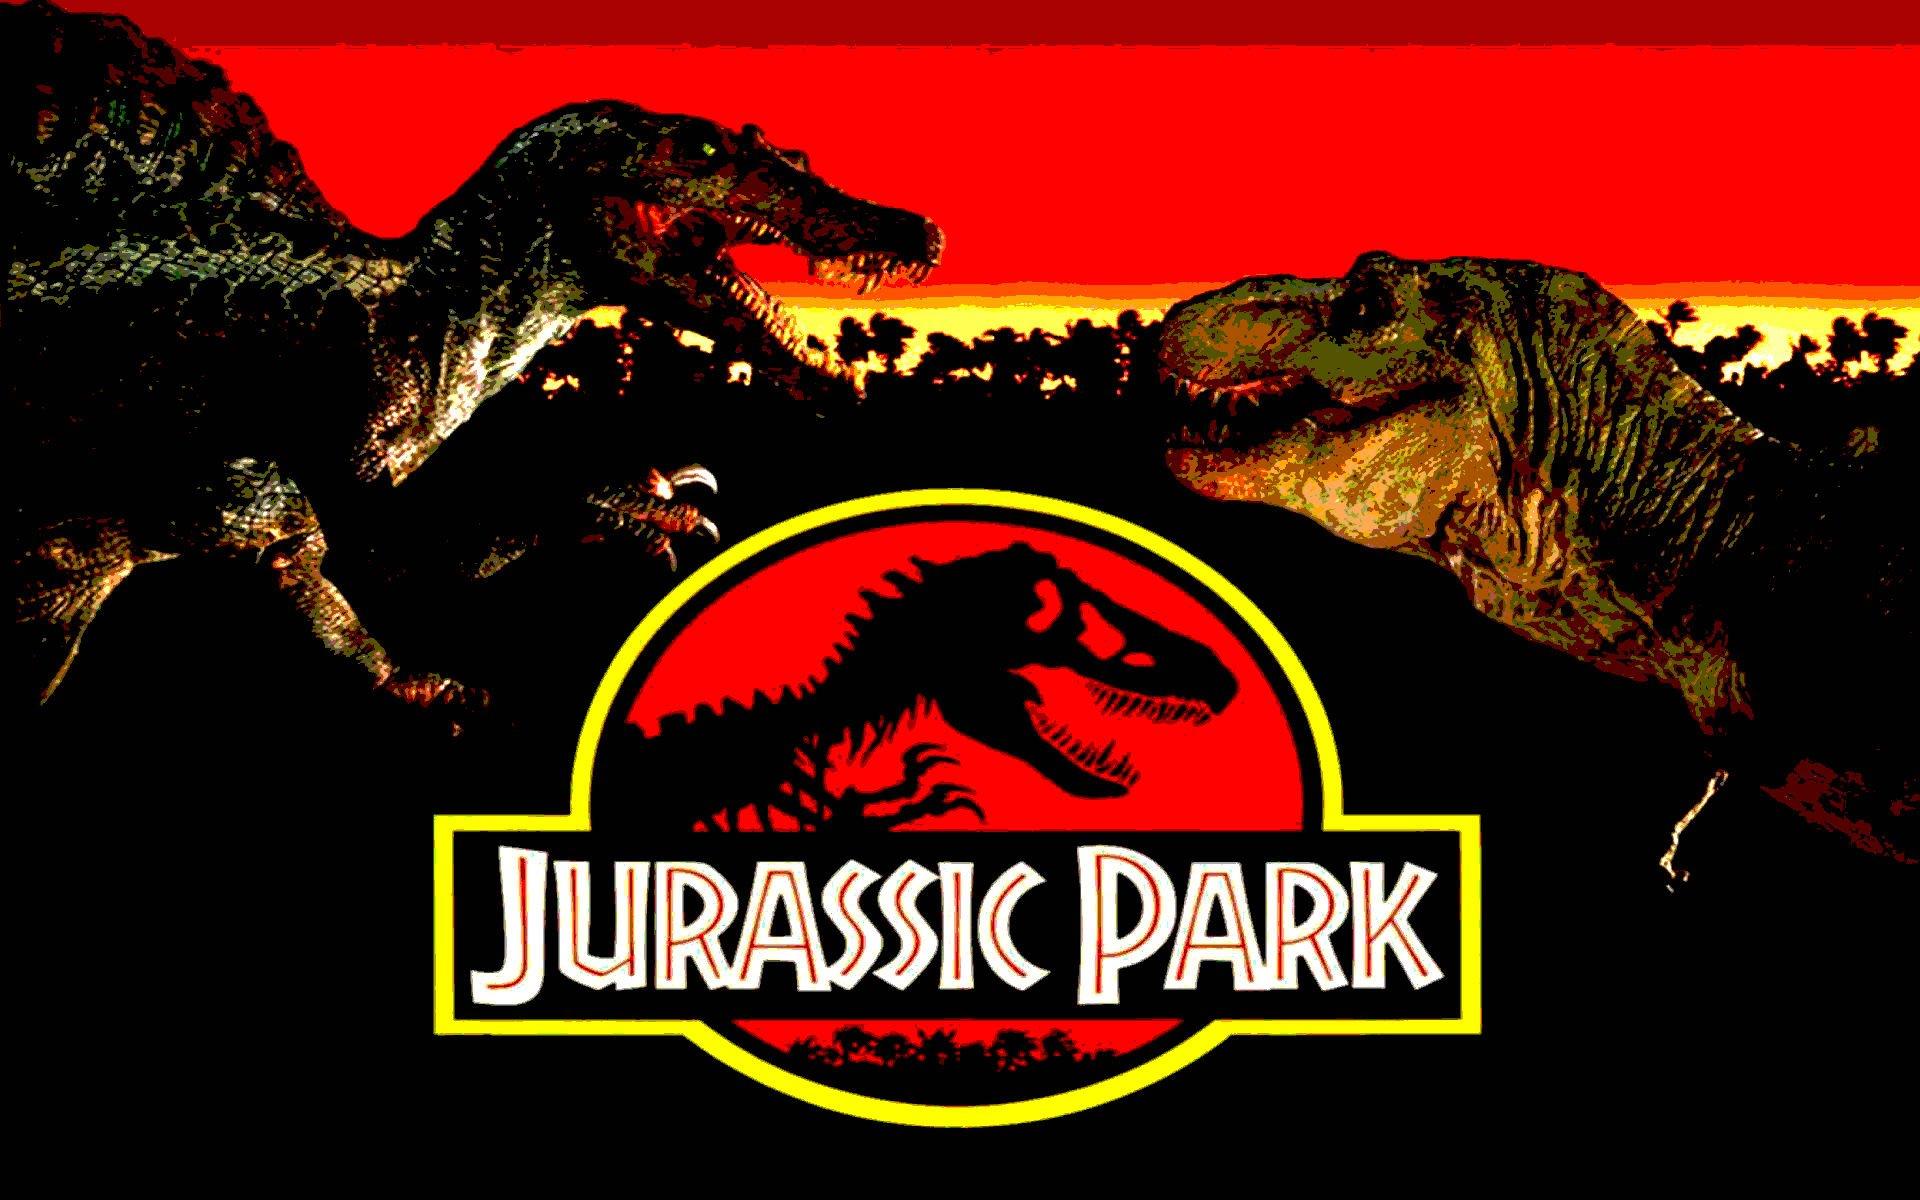 Jurassic park adventure sci fi fantasy dinosaur movie film poster wallpaper 1920x1200 289329 - Film de dinosaure jurassic park ...